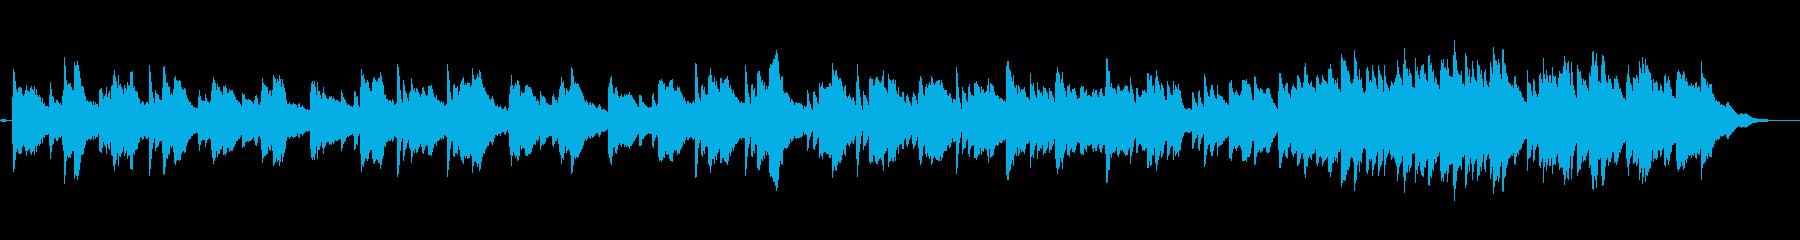 ほのぼのとした日常の風景なピアノ曲の再生済みの波形